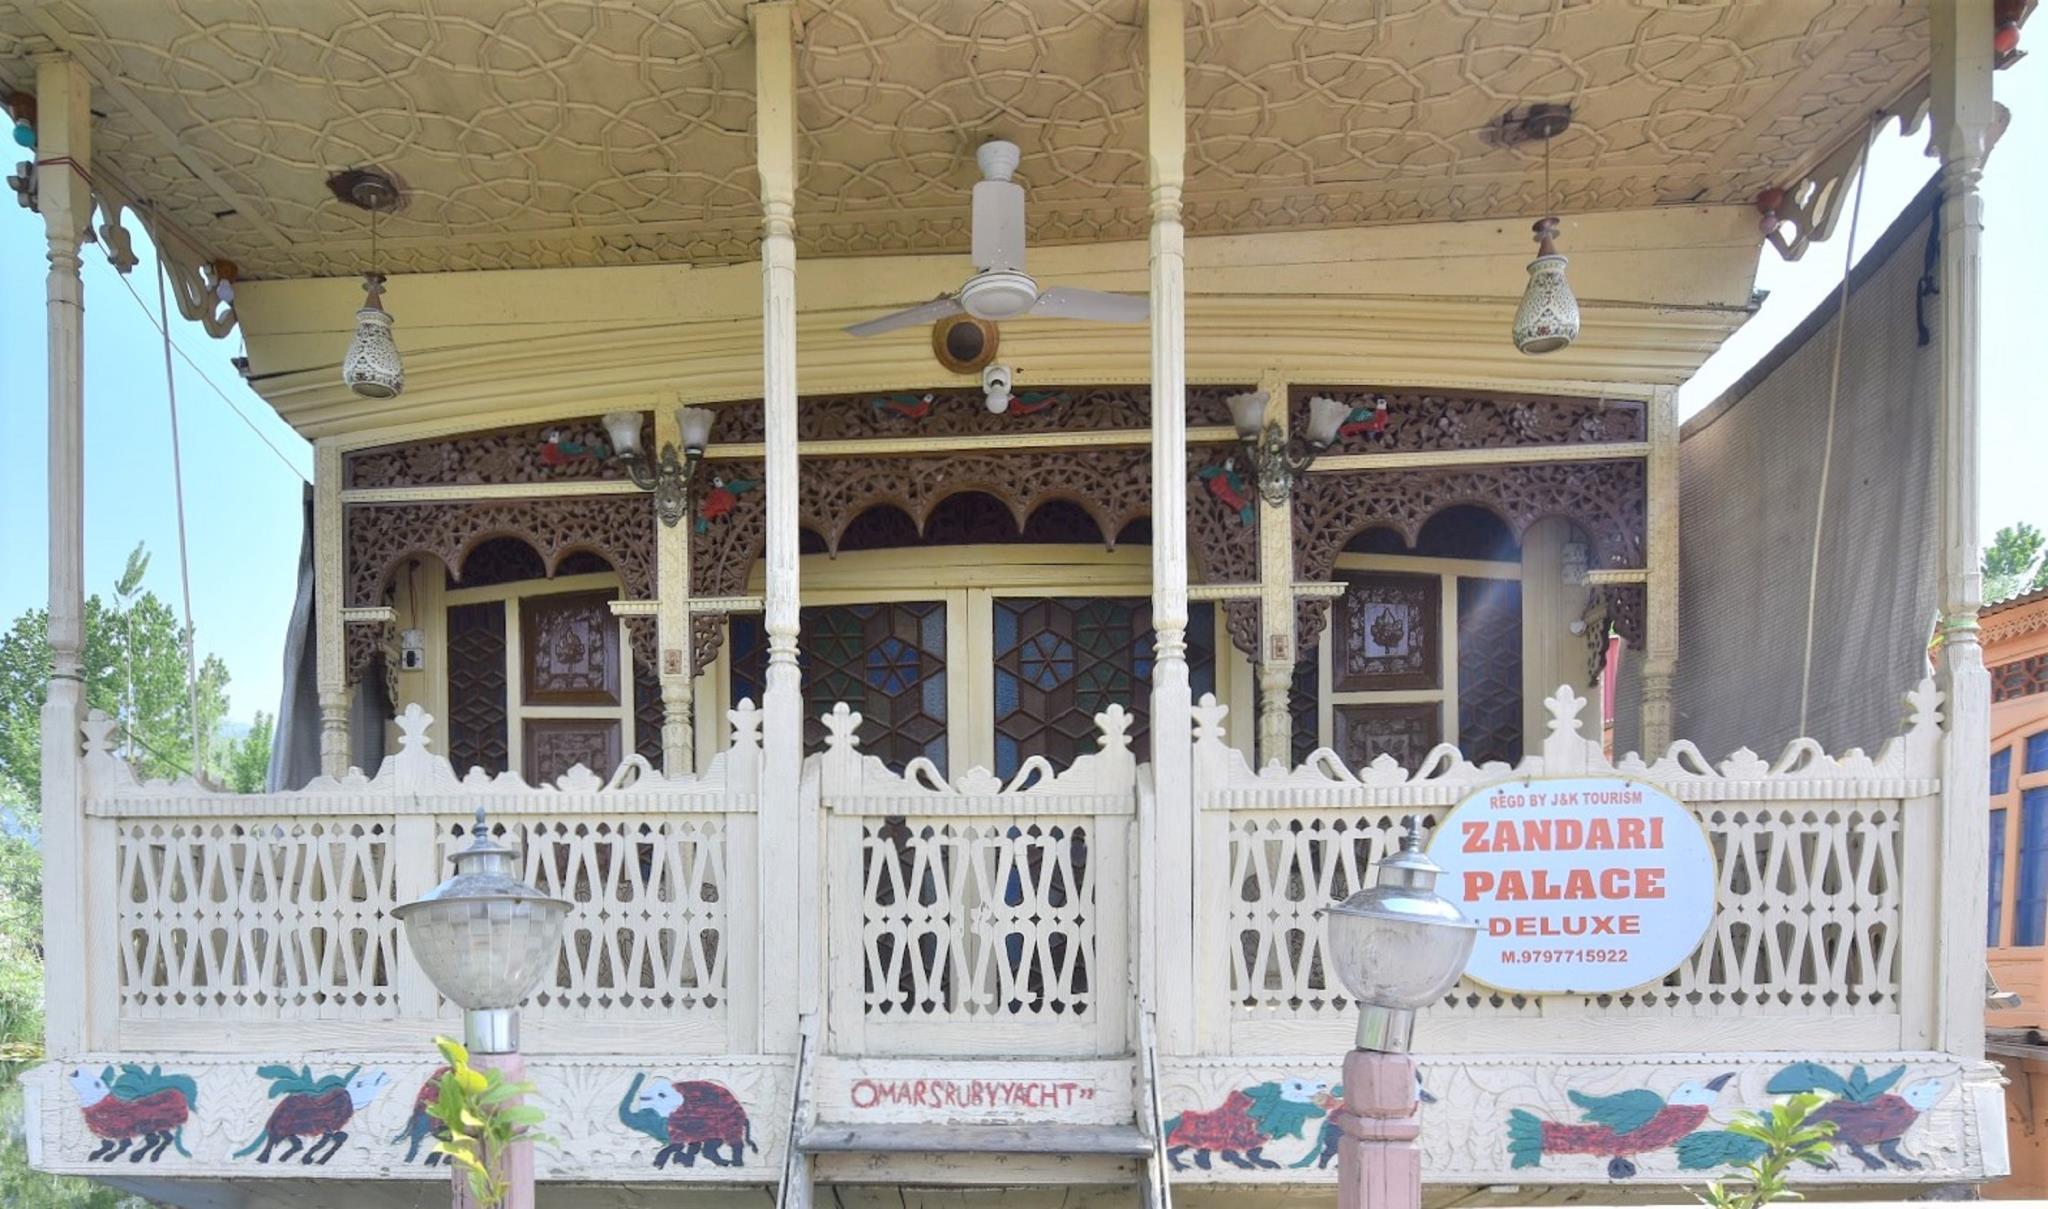 Houseboat Zaindari Palace, Srinagar